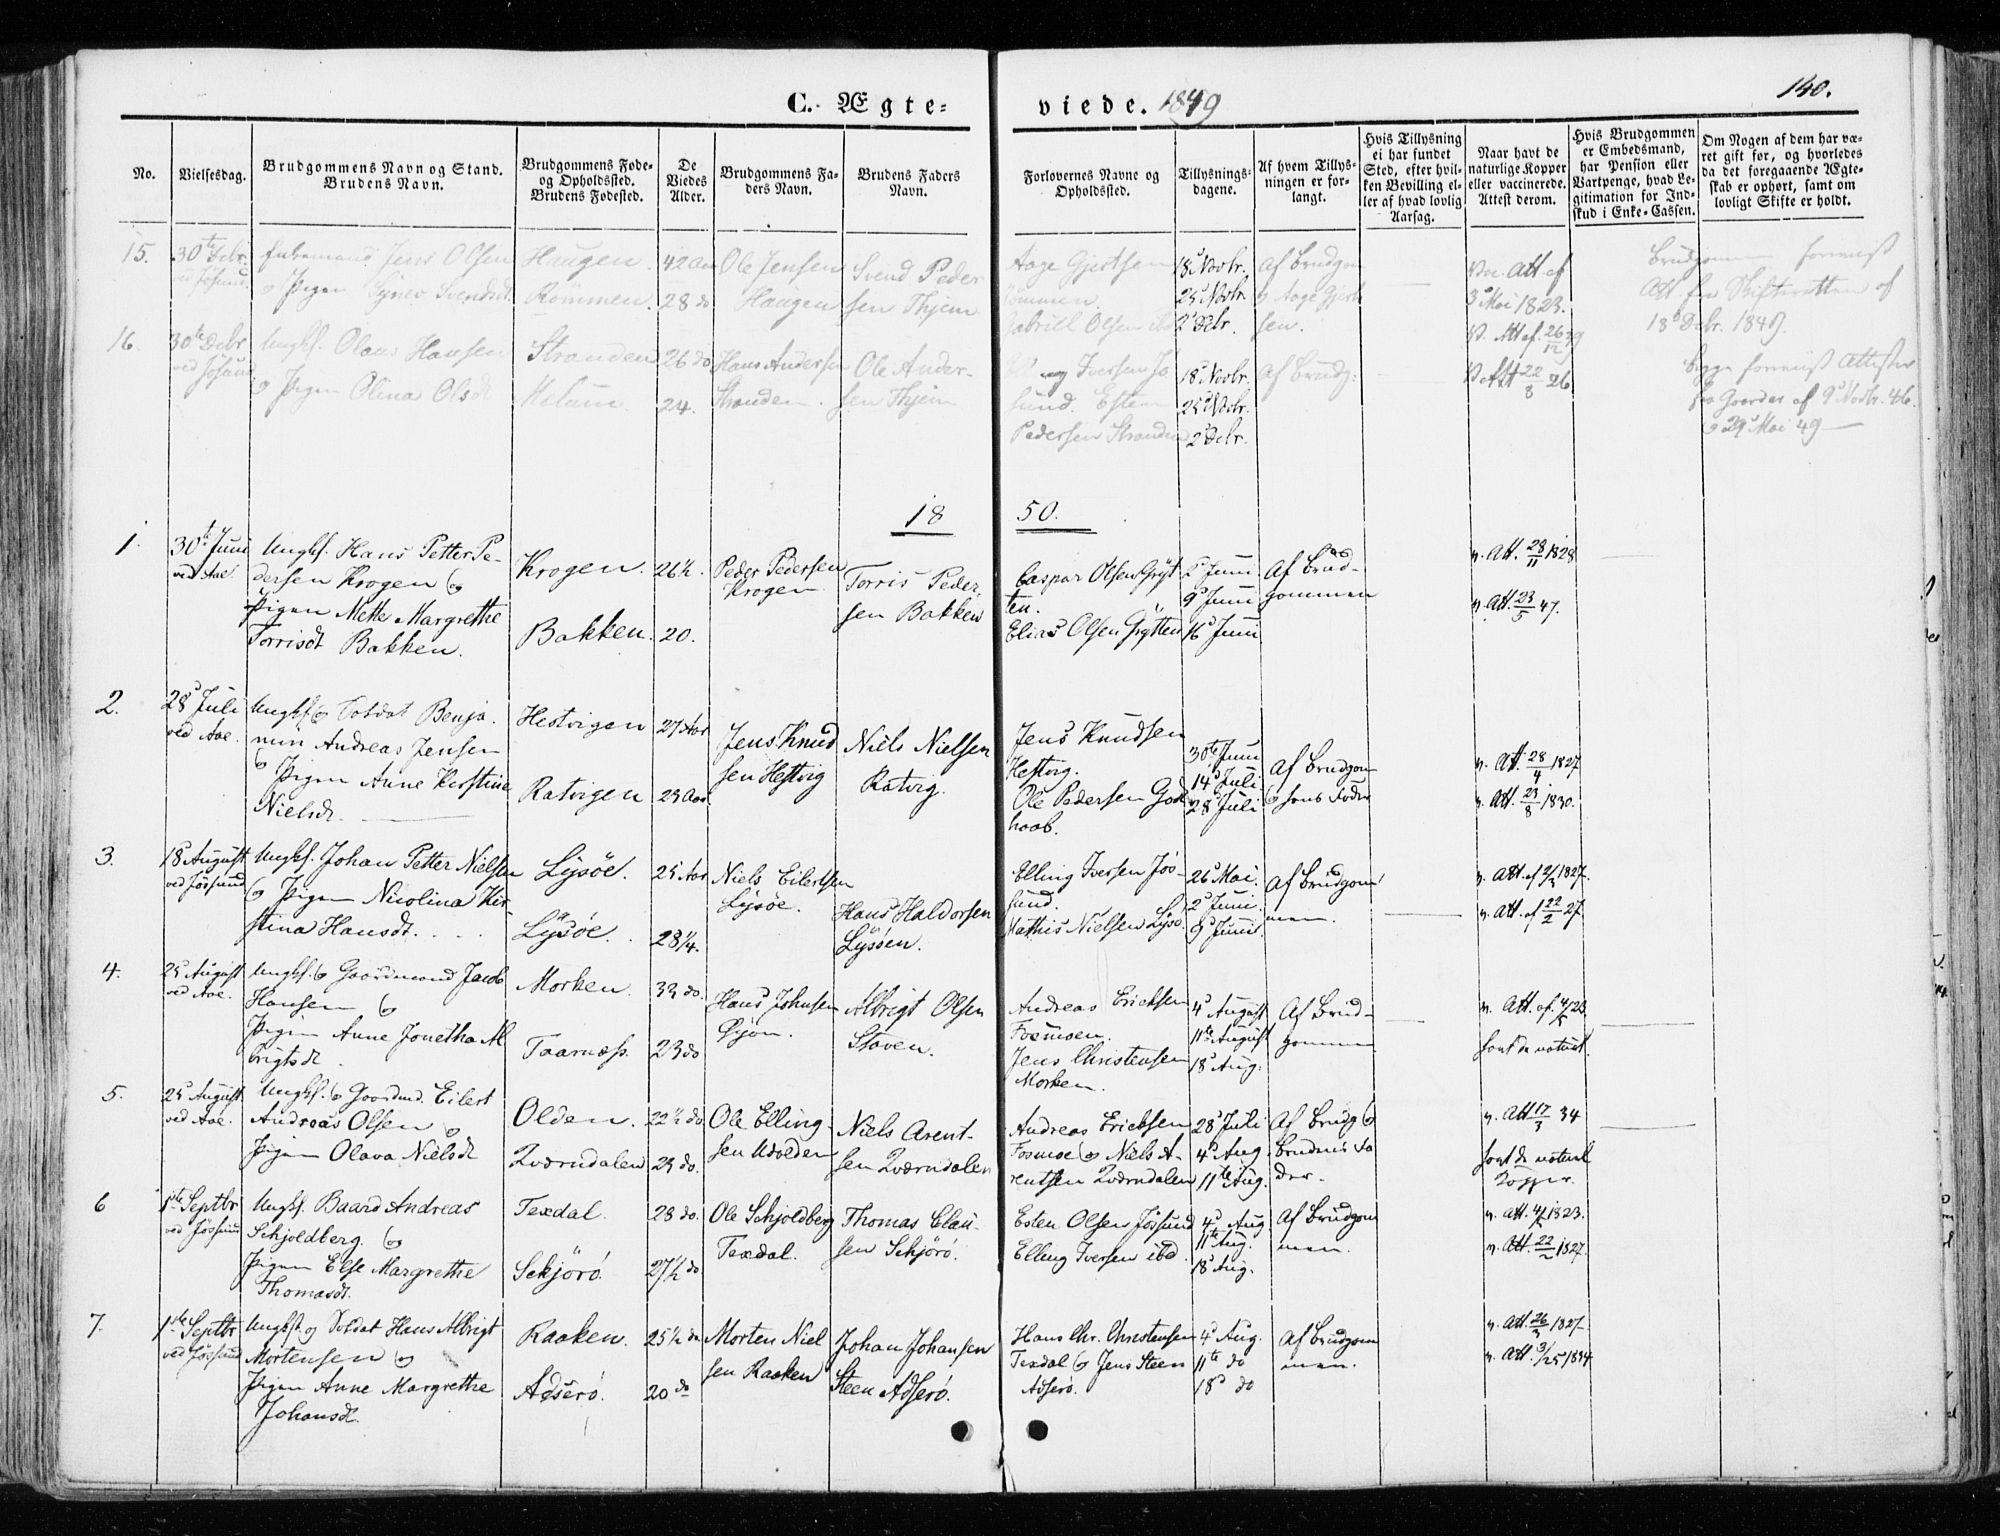 SAT, Ministerialprotokoller, klokkerbøker og fødselsregistre - Sør-Trøndelag, 655/L0677: Ministerialbok nr. 655A06, 1847-1860, s. 140